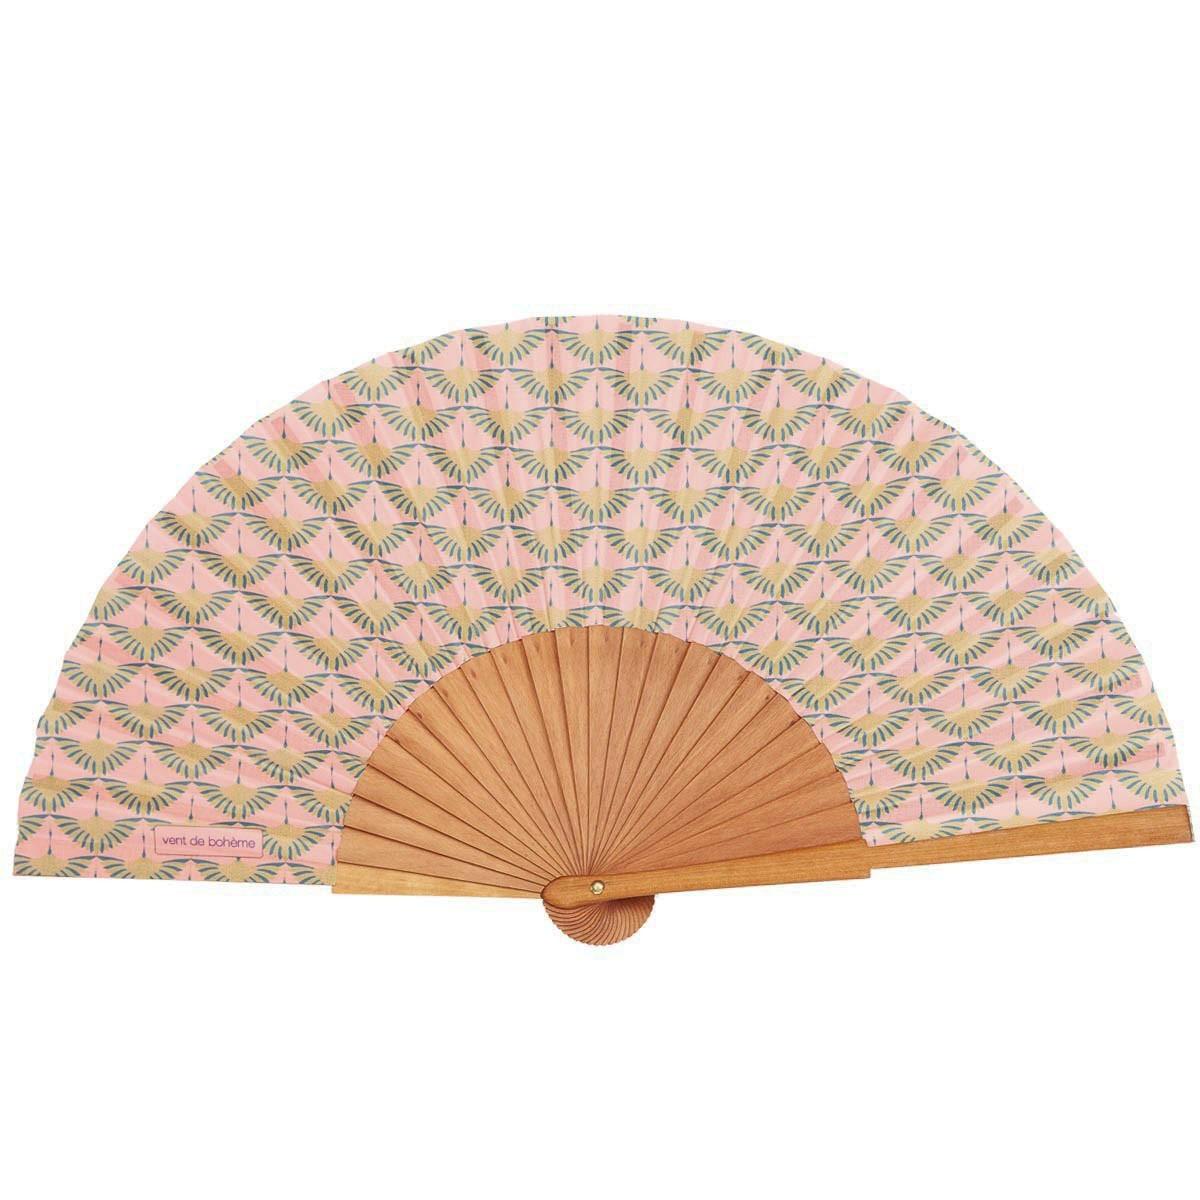 Éventail en bois de merisier et coton imprimé rose